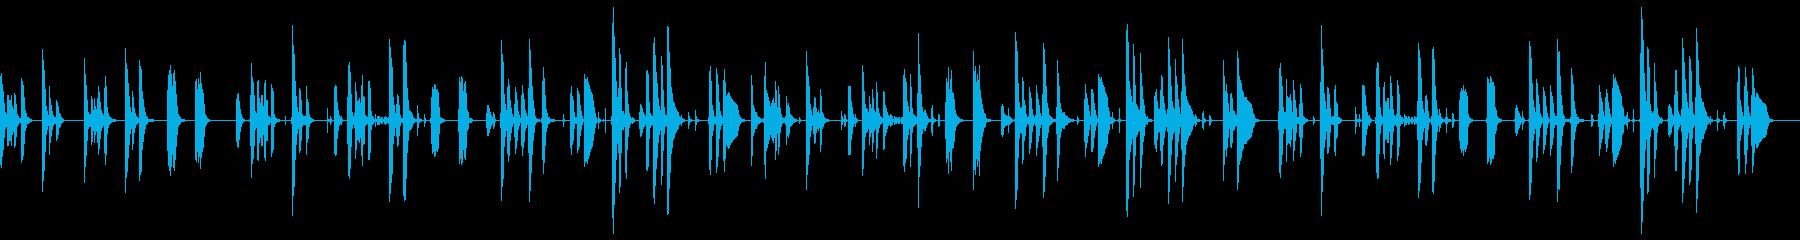 日常のあれこれの再生済みの波形